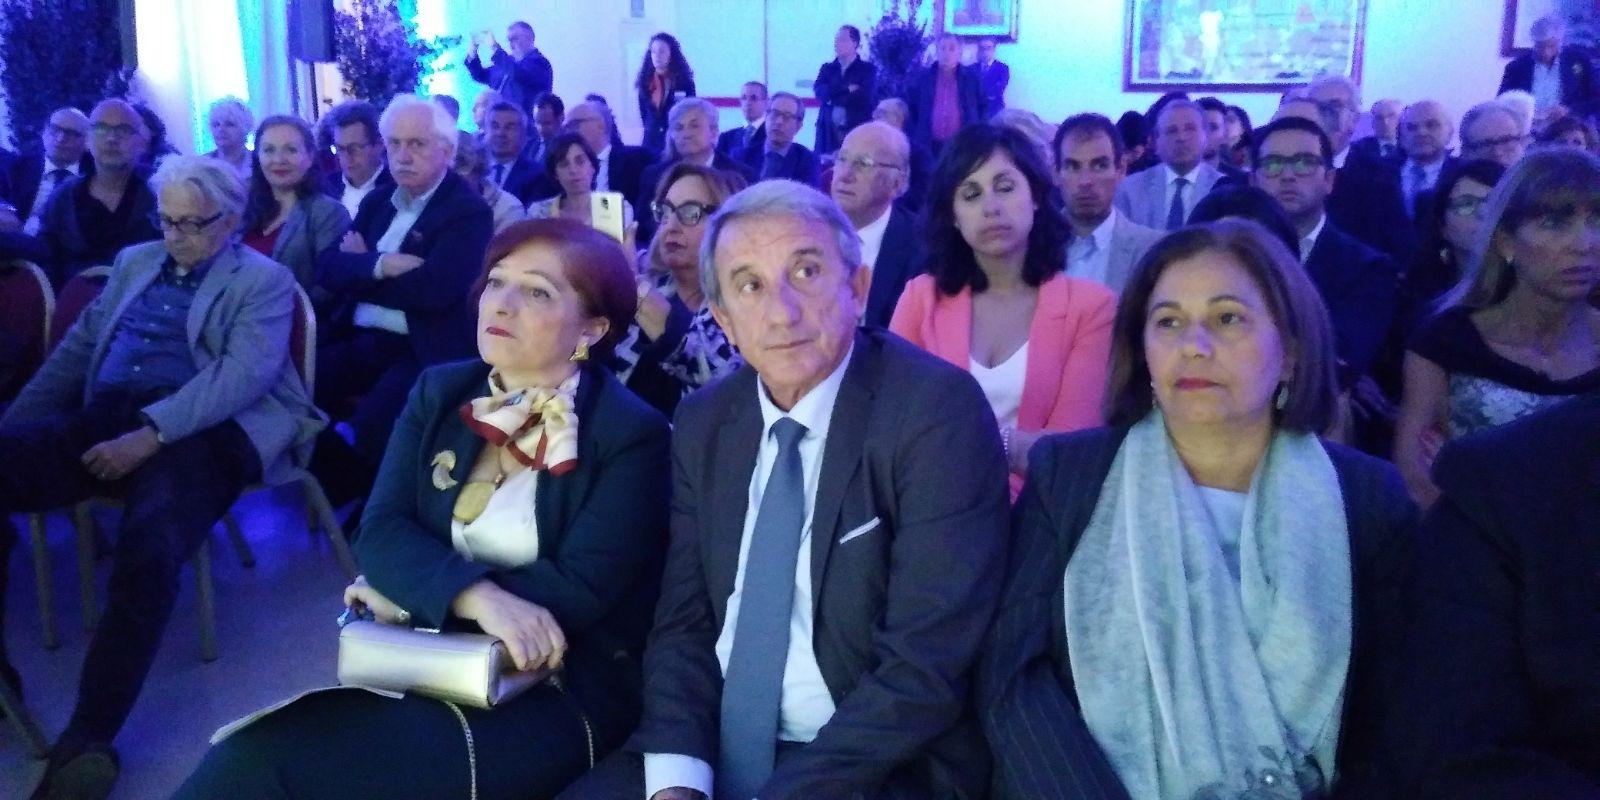 prima fila: Il prefetto, De Nicola, e Di Liberti